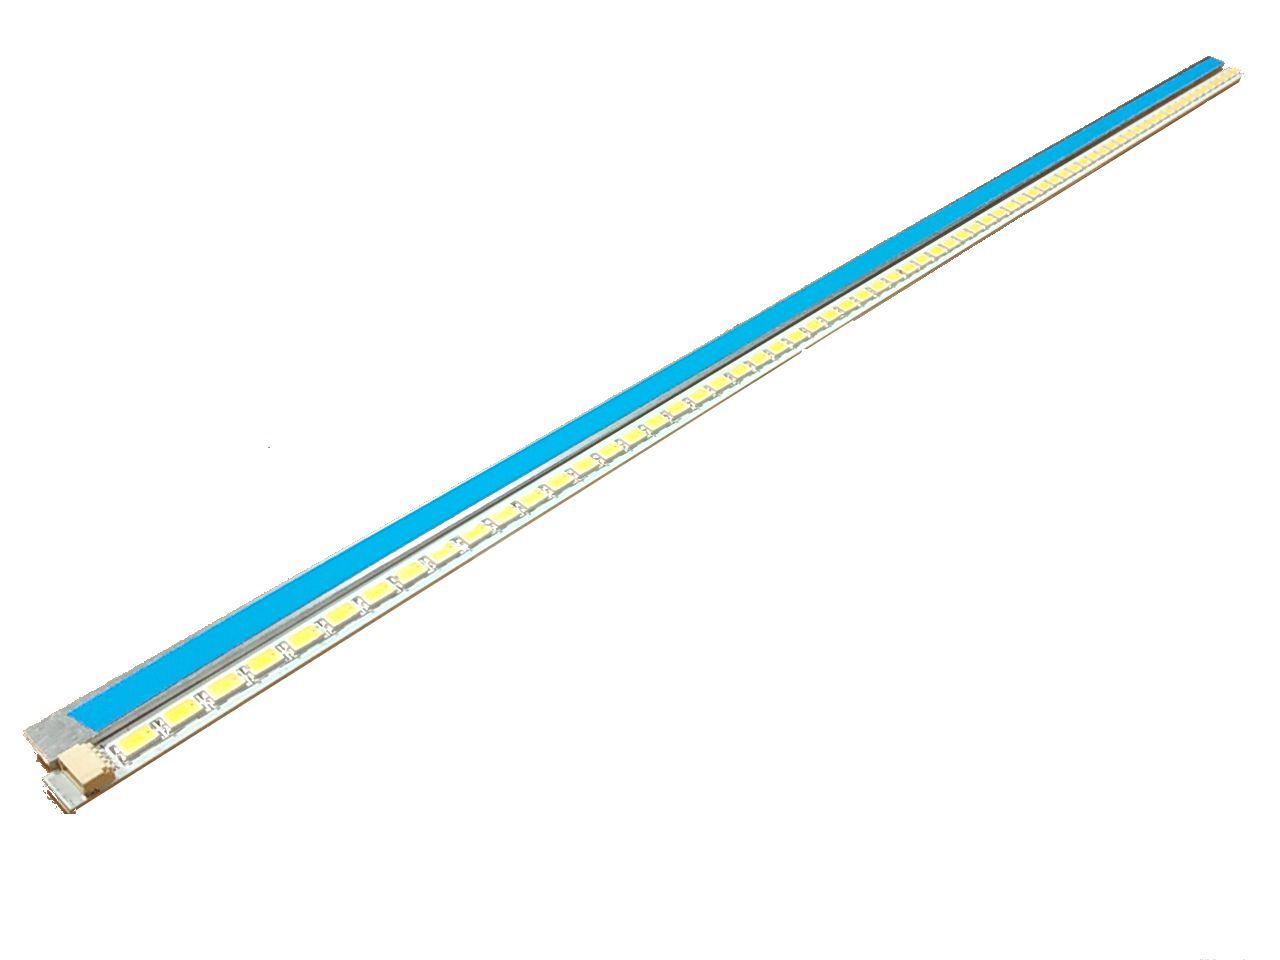 KIT BARRA DE LED AOC LE40H157 66 LEDS